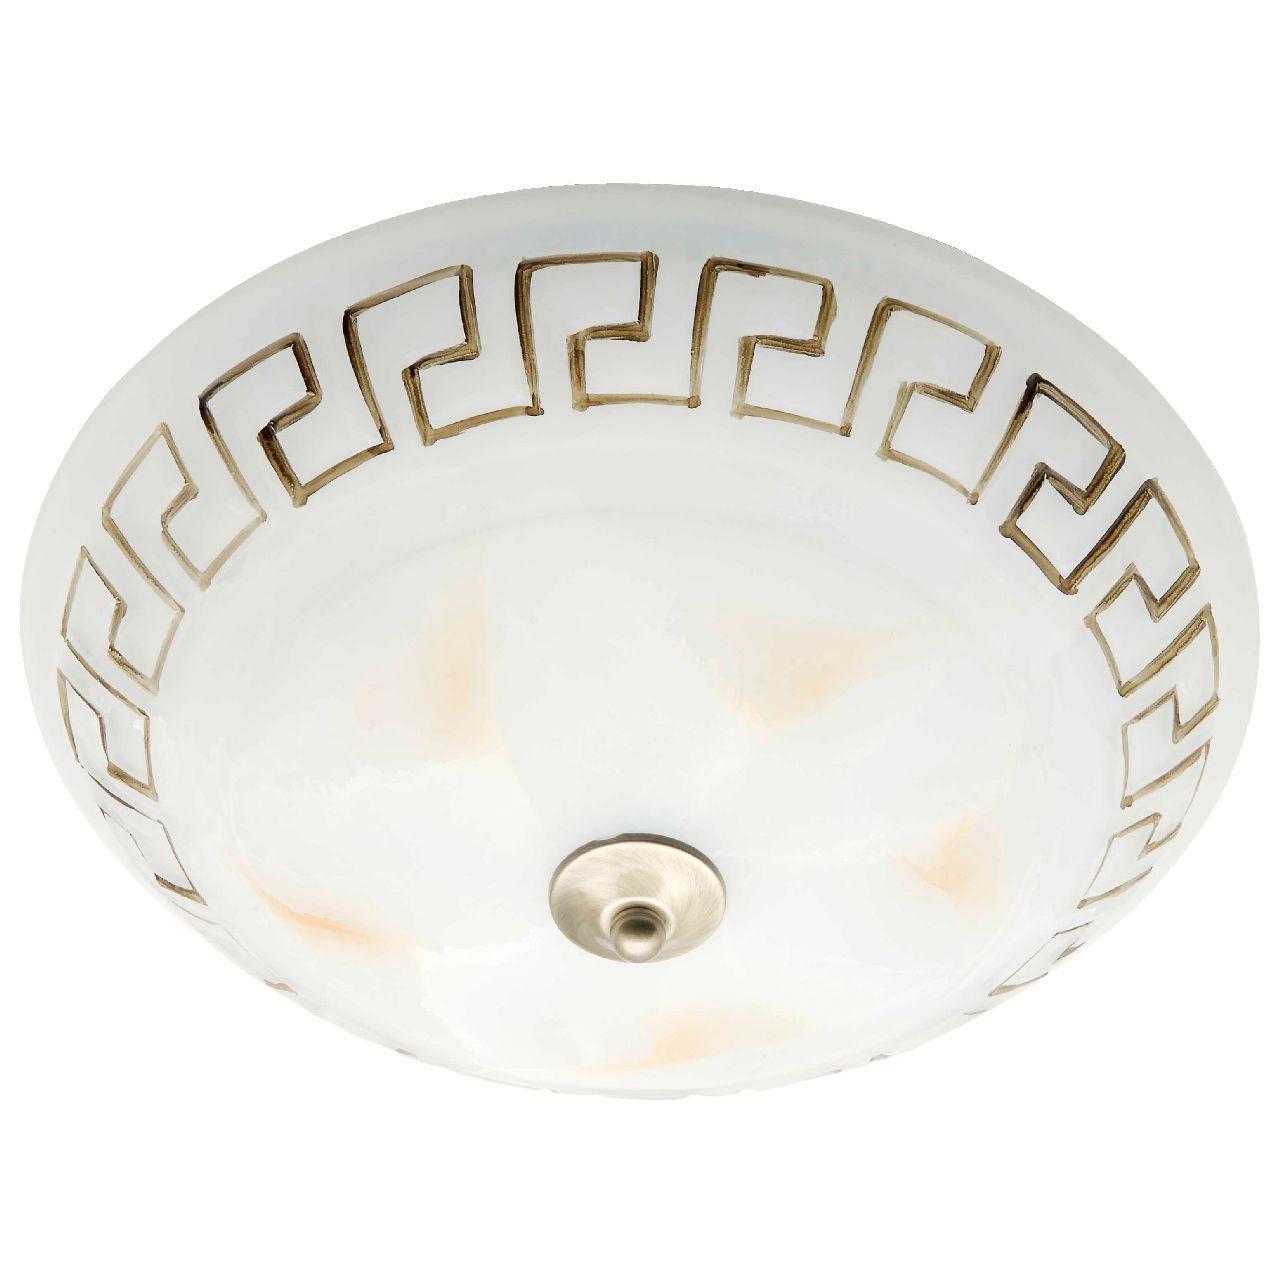 Потолочный светильник Brilliant Murcia 90207/31 потолочный светильник brilliant 93853 75